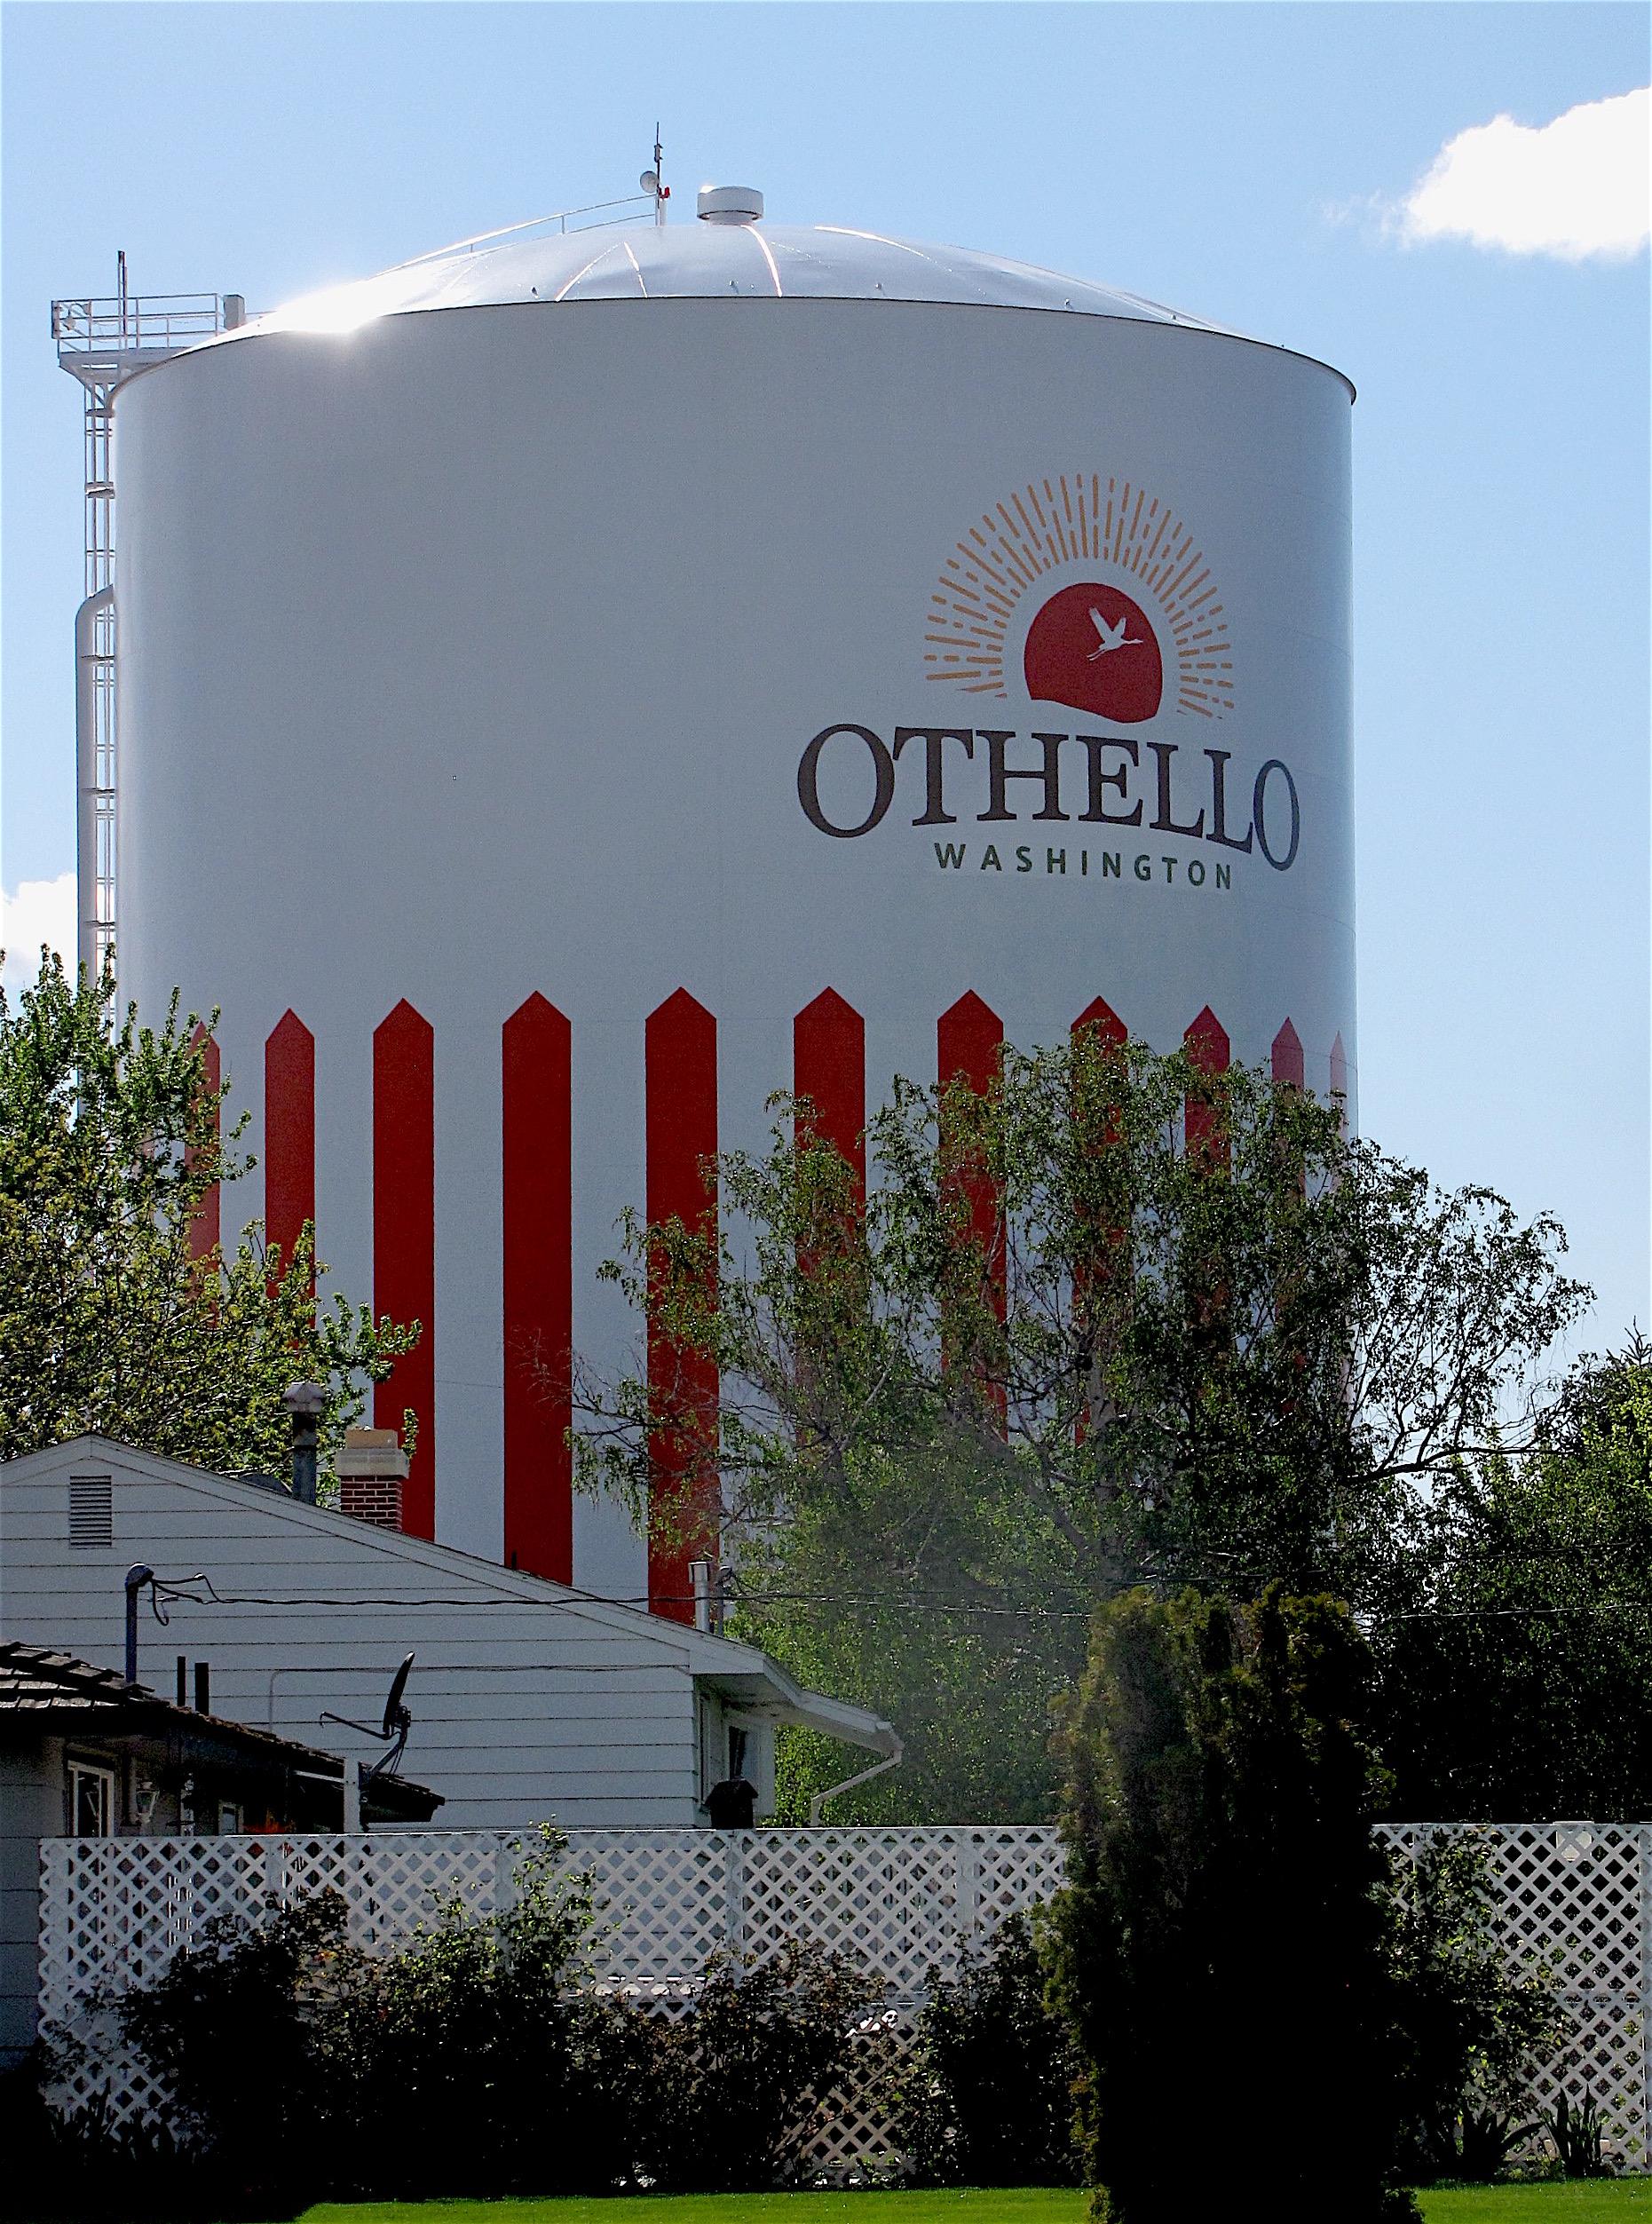 Othello, WA